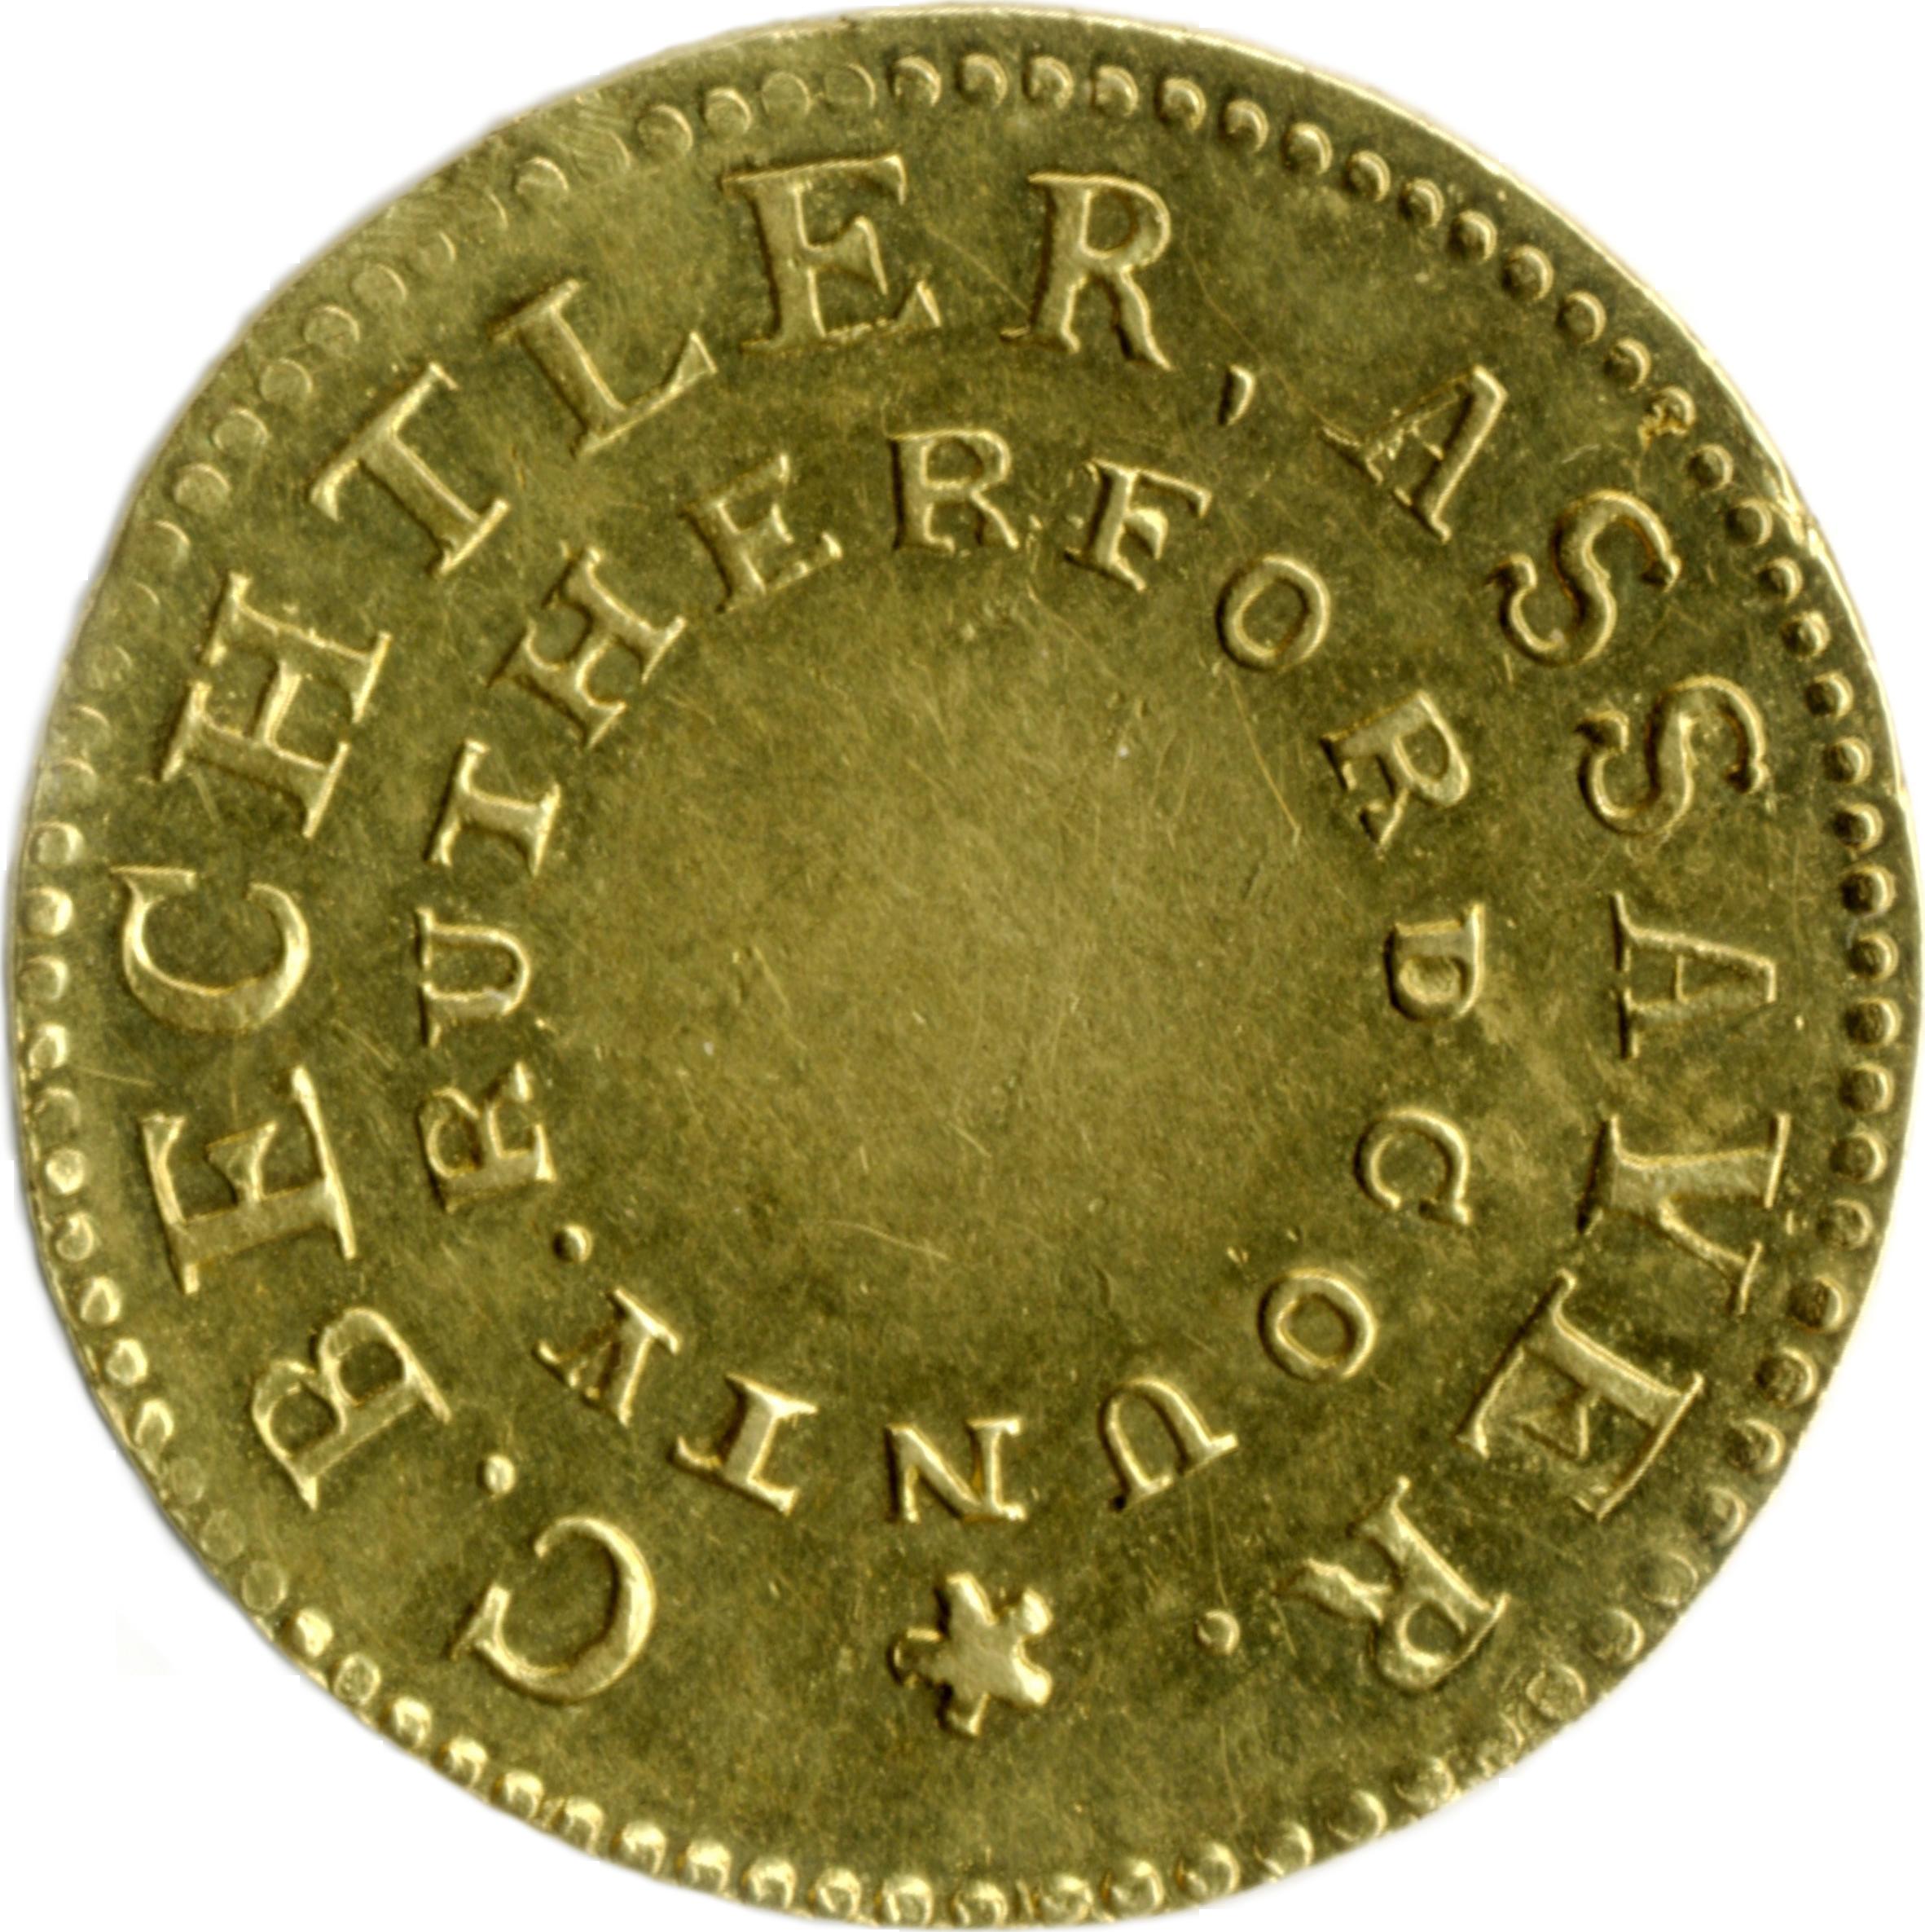 Christopher Bechtler gold half-eagle $5, 1831